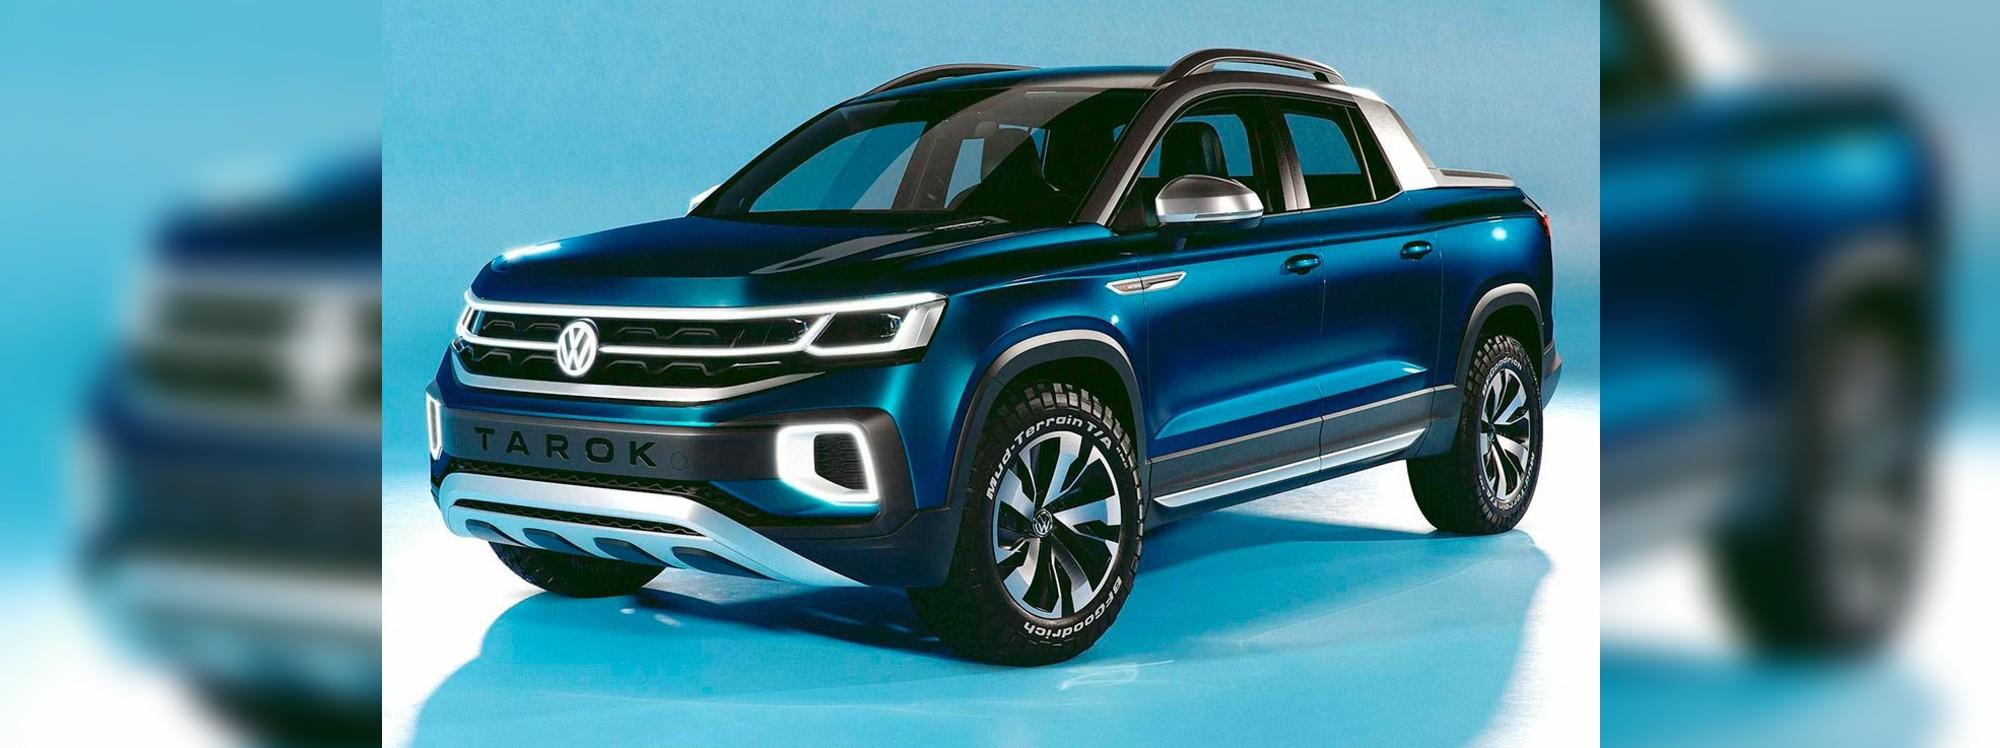 Volkswagen fabricará dos nuevas camionetas 100% eléctricas